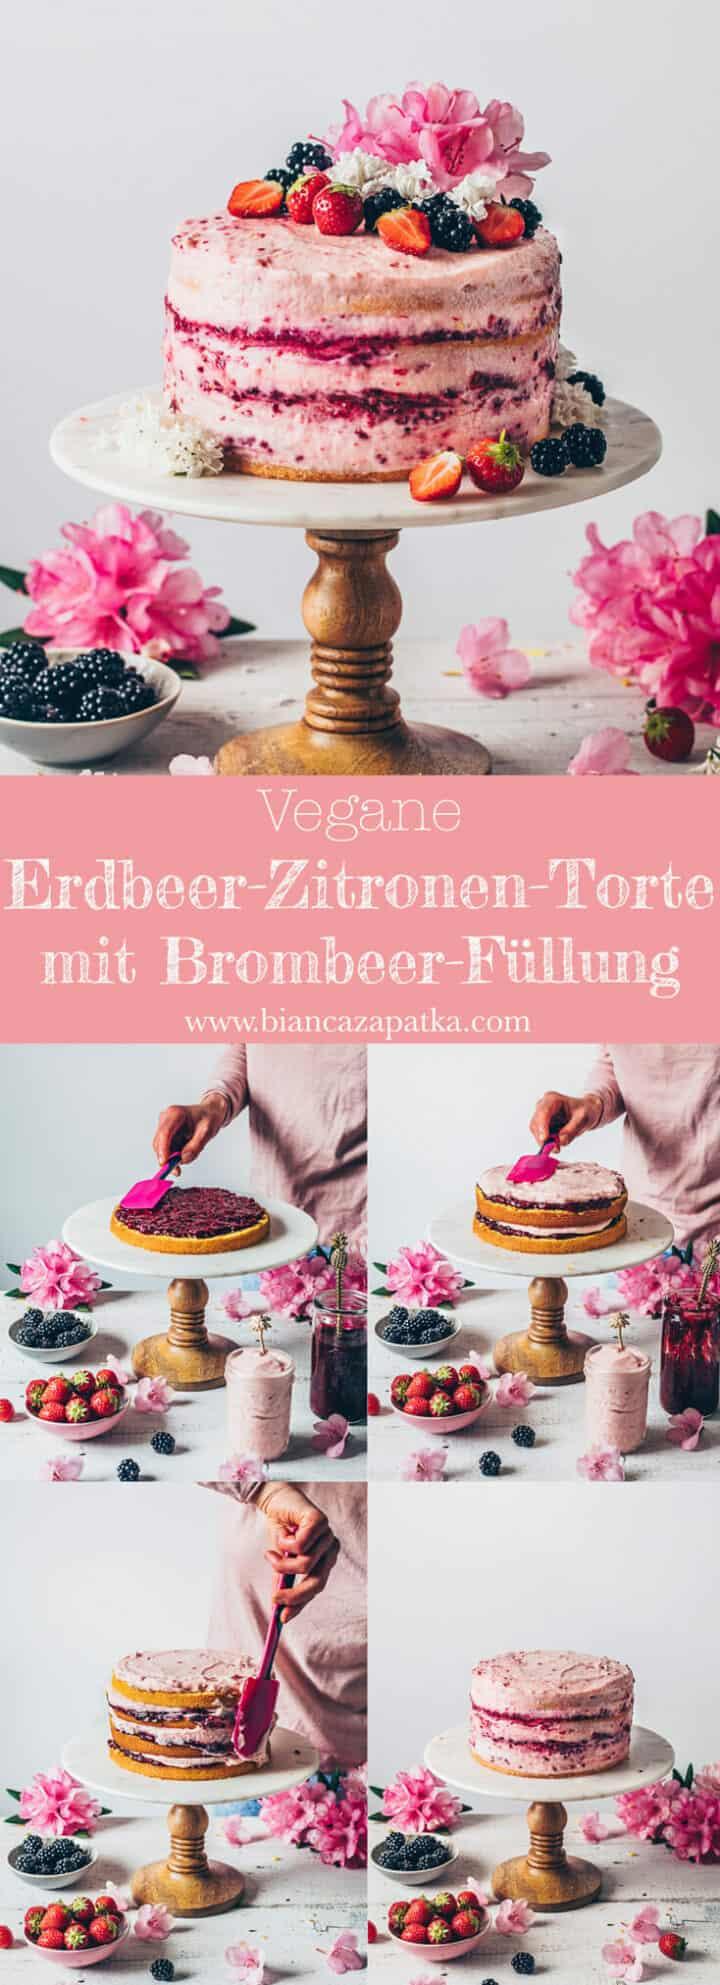 Erdbeer-Zitronen-Torte. Veganer Zitronenkuchen mit selbstgemachter Brombeer-Marmelade und Erdbeer-Creme Frosting.